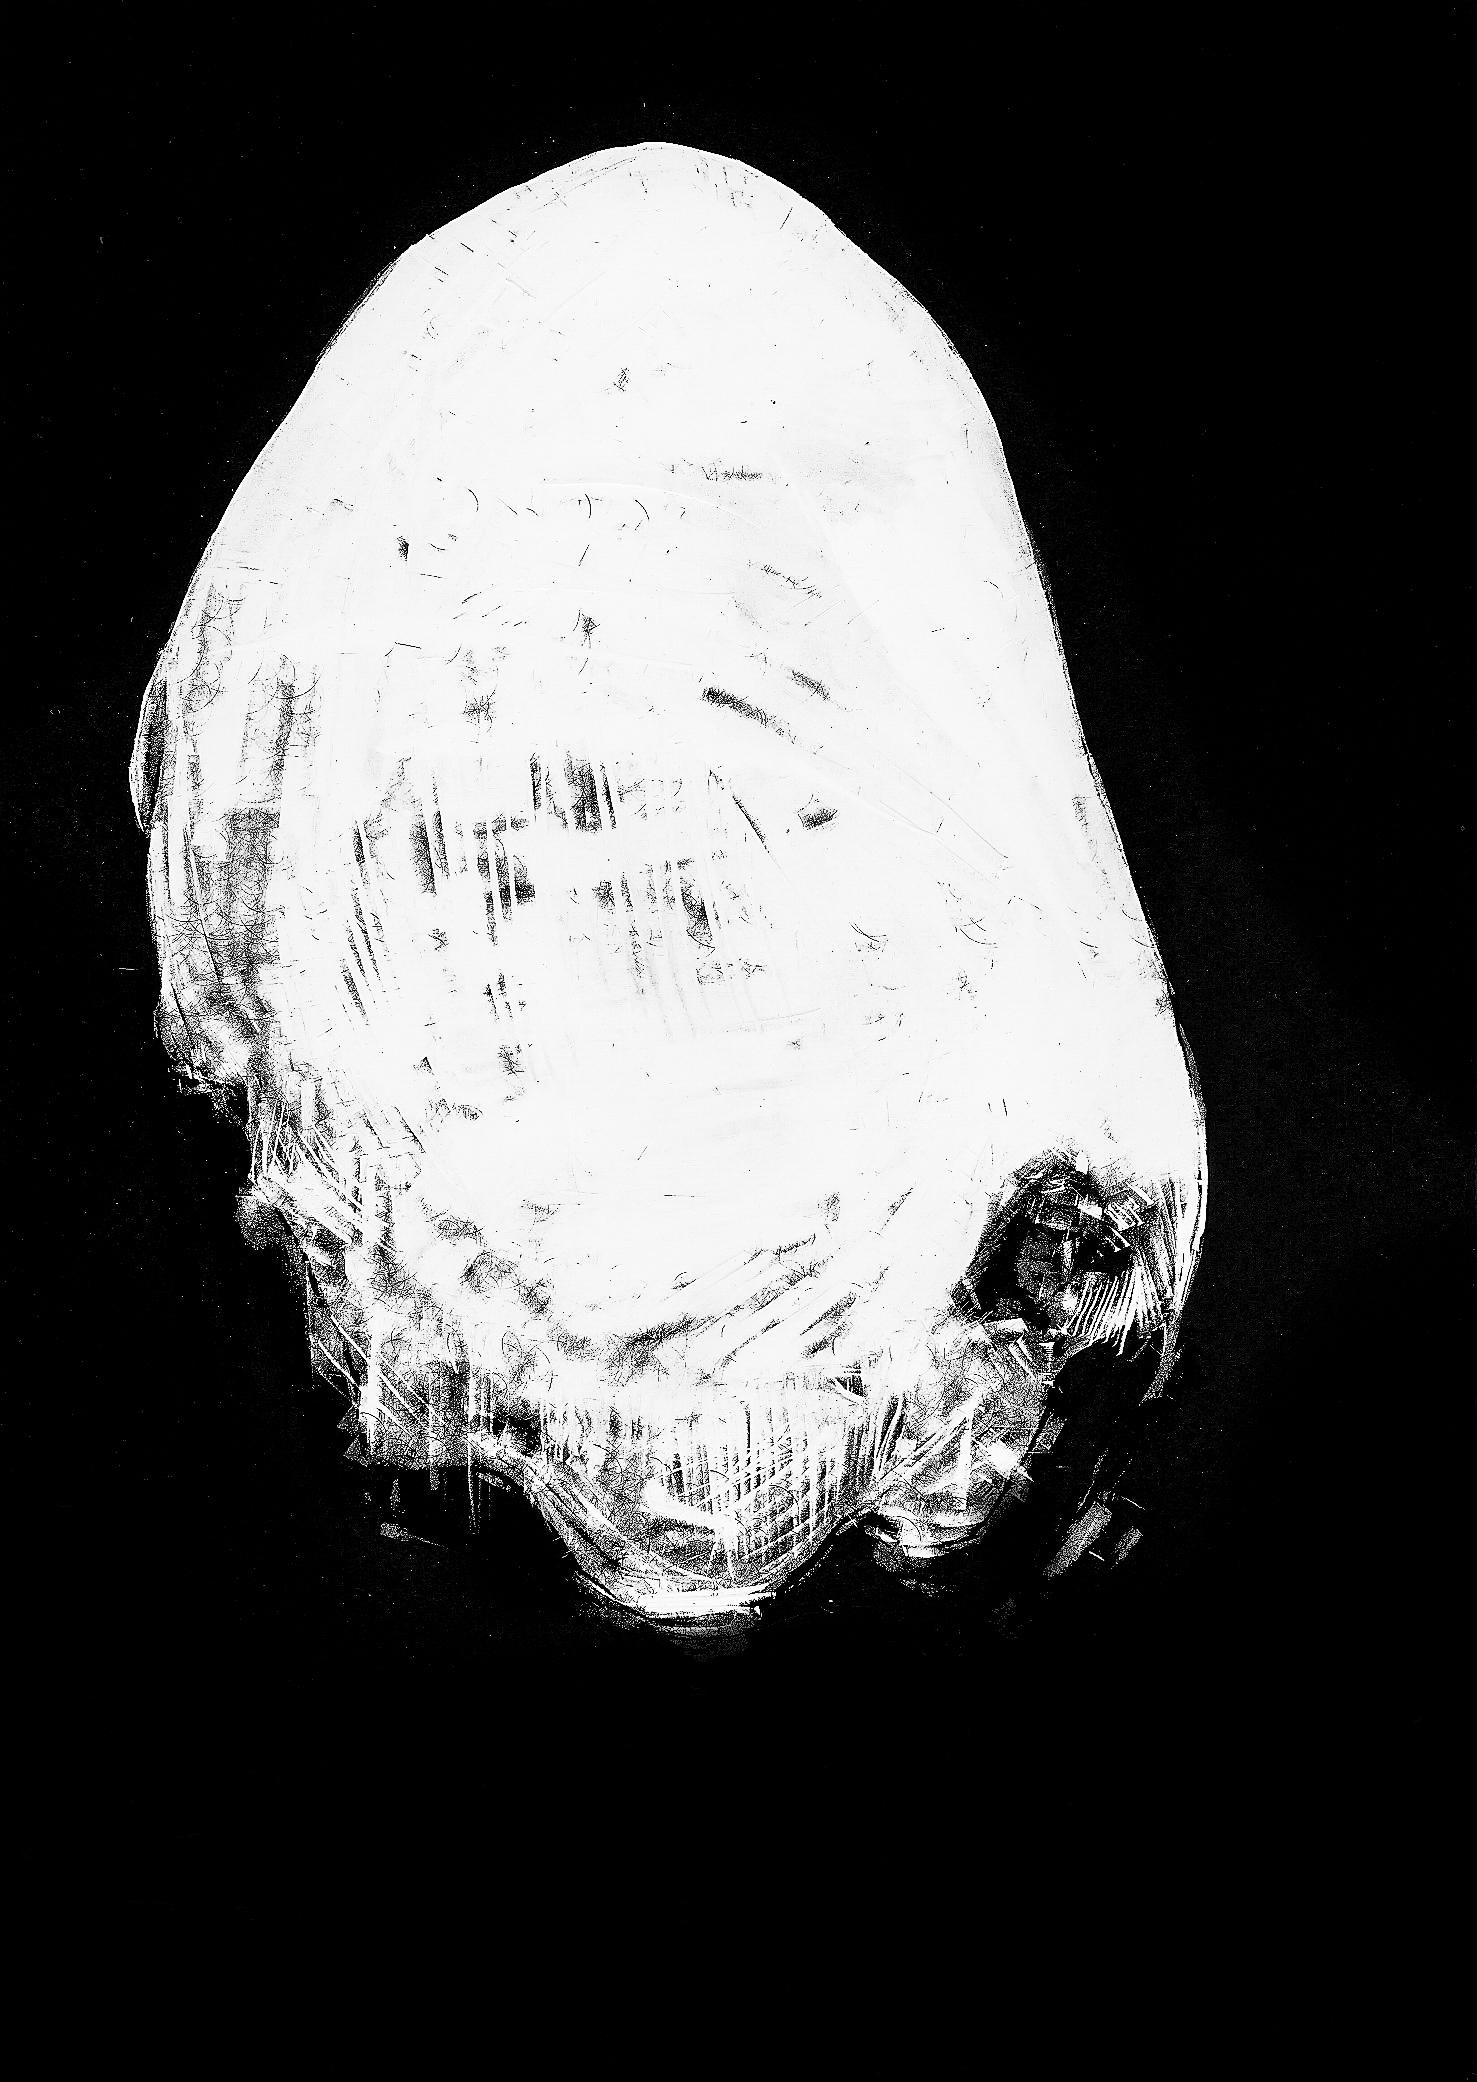 Telesto, Saturn XIII